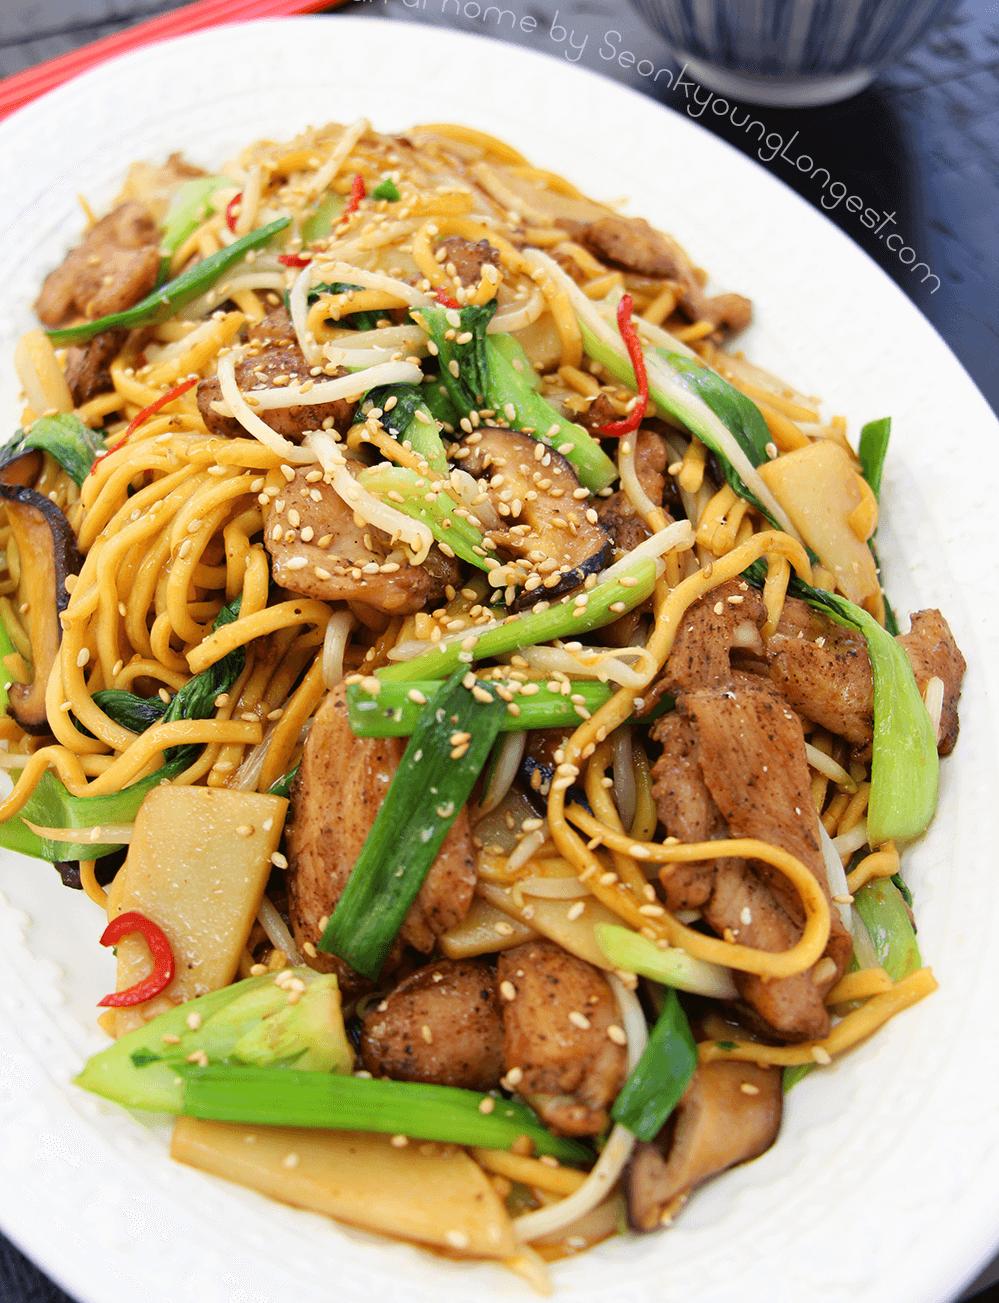 7. Chicken Chow Mein